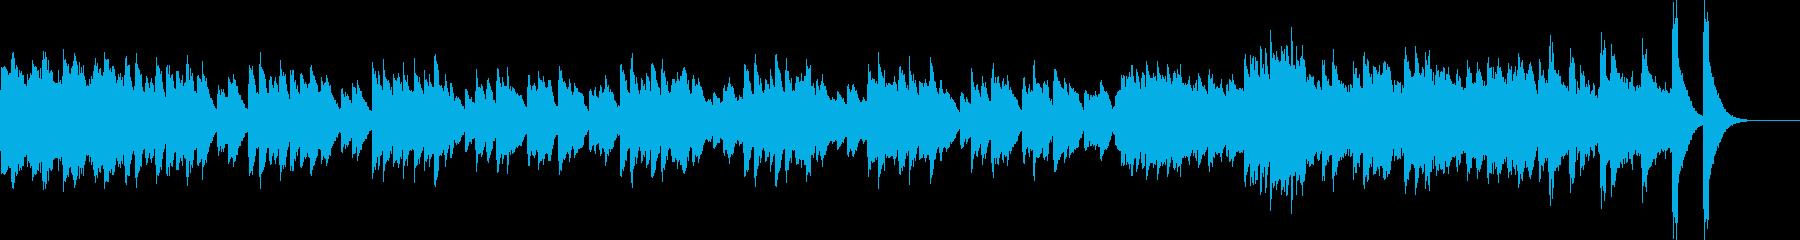 キラキラした幻想的なオルゴールオリジナルの再生済みの波形